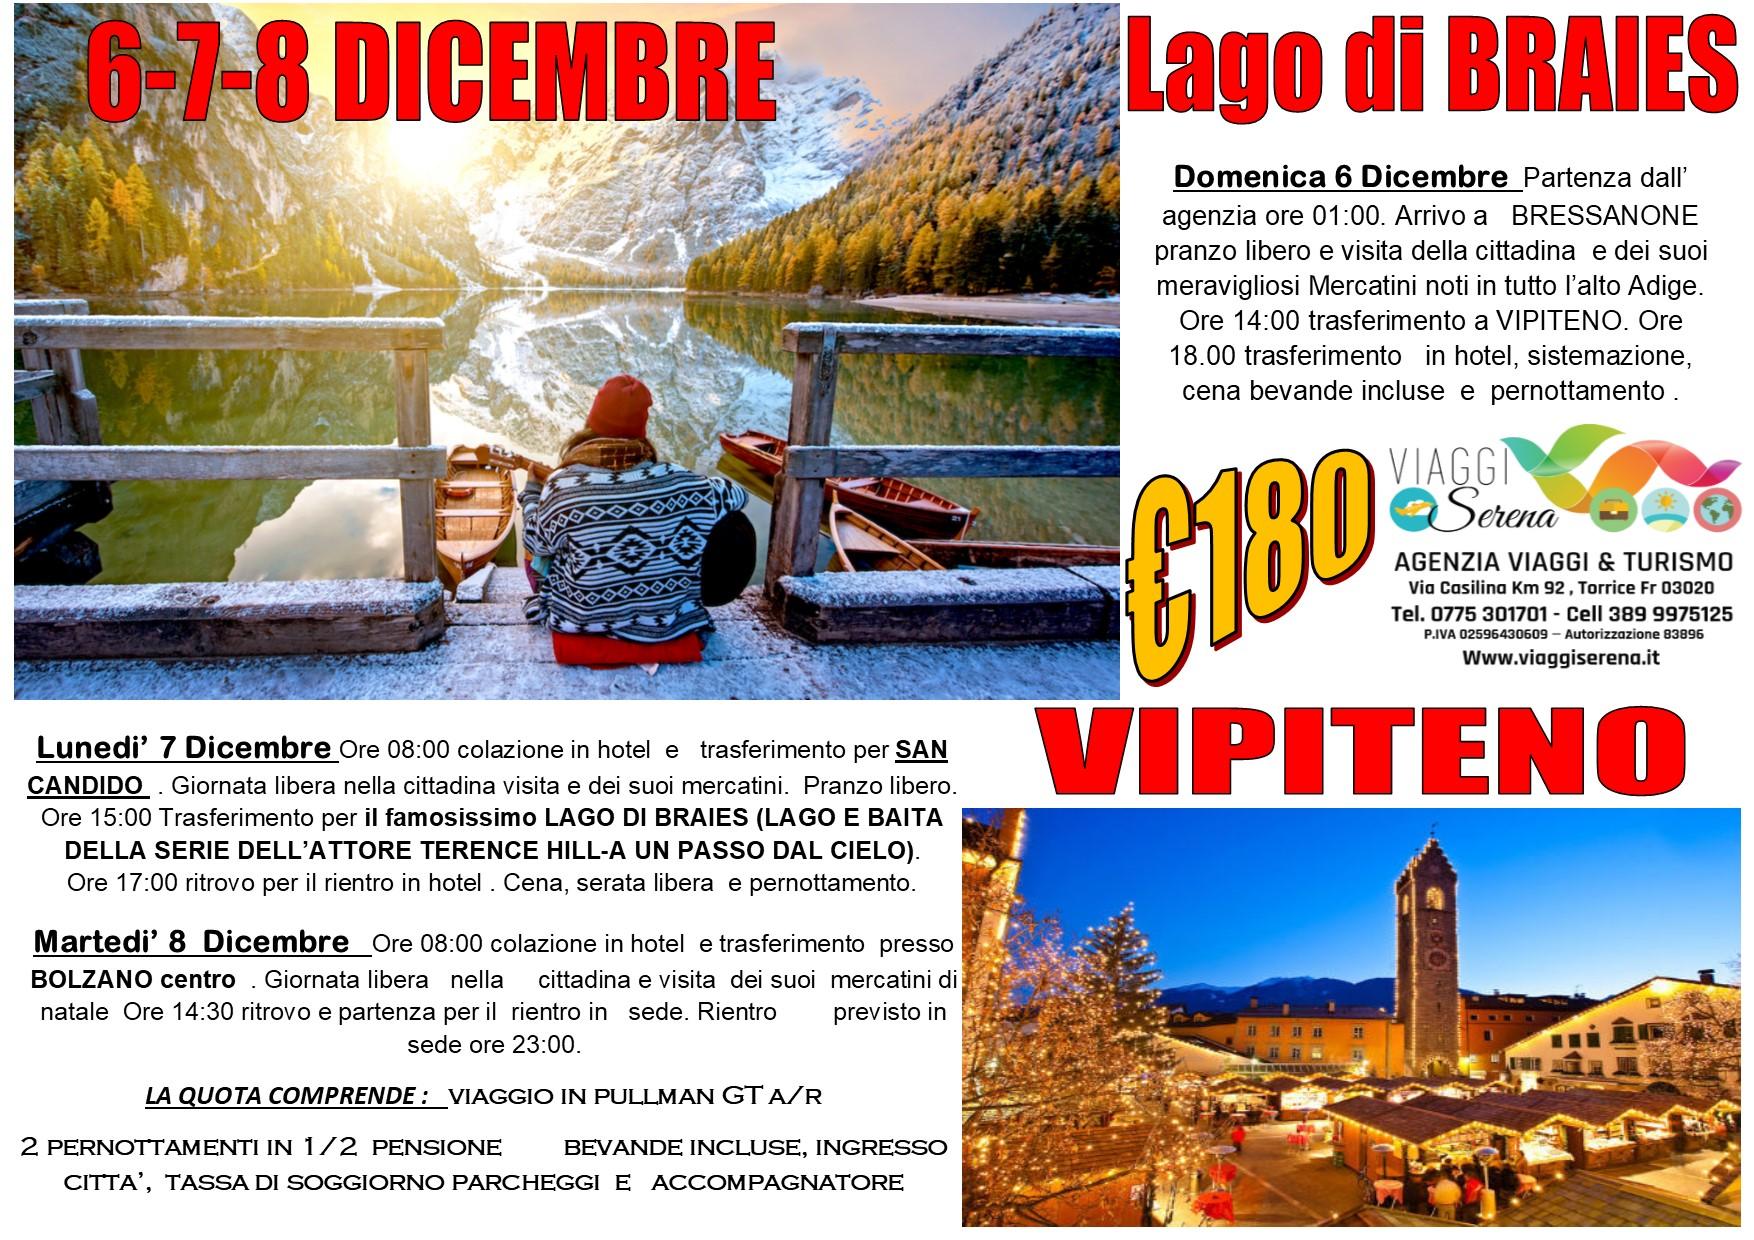 Viaggi di Natale:  Bressanone, Vipiteno, San Candido , Lago di Braies & Bolzano  6-7-8 Dicembre  € 180,00